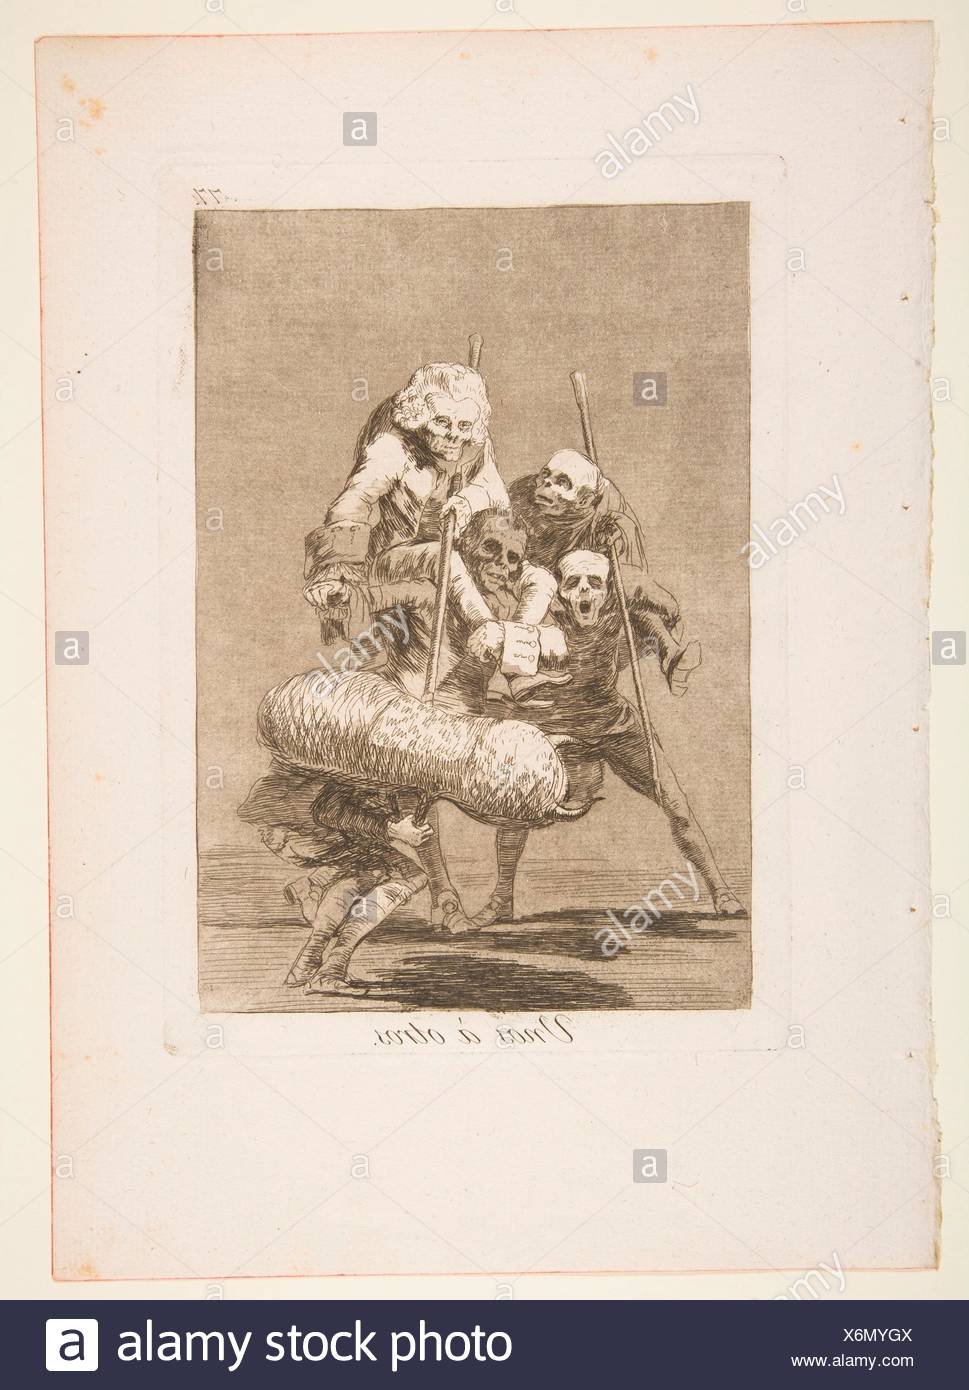 Plate 77 from ´Los Caprichos´:What one does to another (Unos ó otros.). Series/Portfolio: Los Caprichos; Artist: Goya (Francisco de Goya y Lucientes) - Stock Image